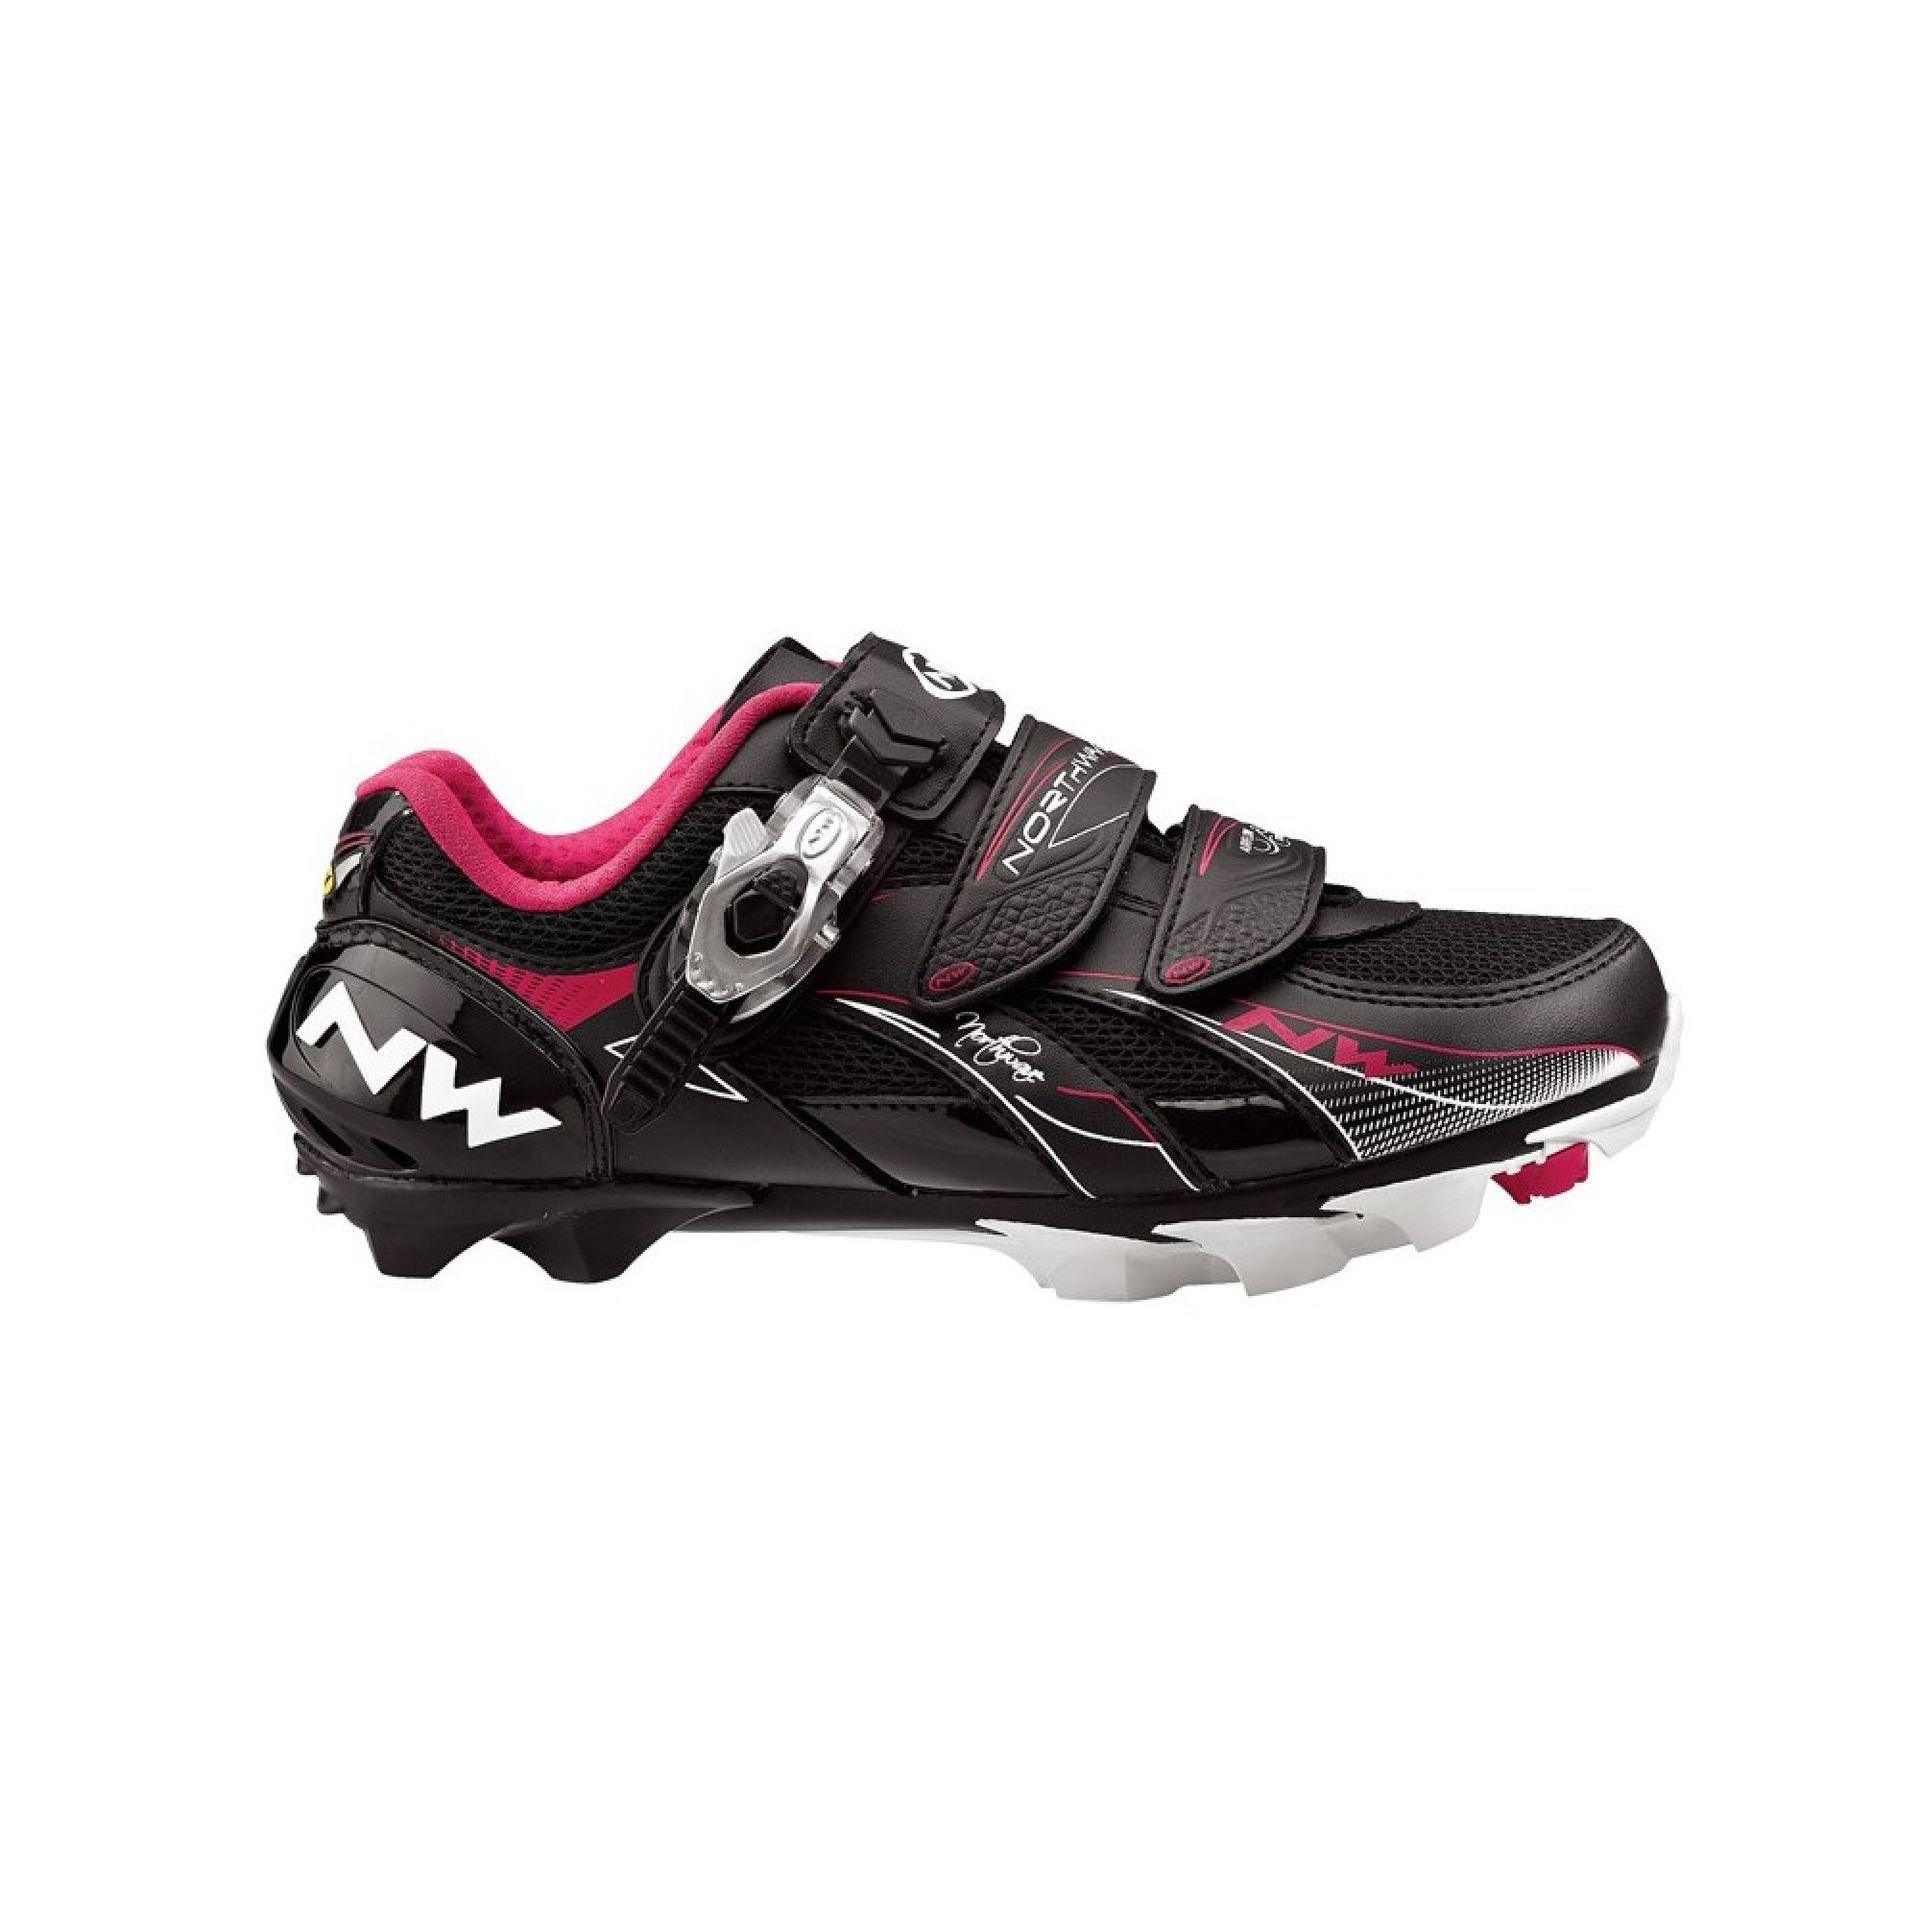 Buty rowerowe Northwave Vega  czarno różowe